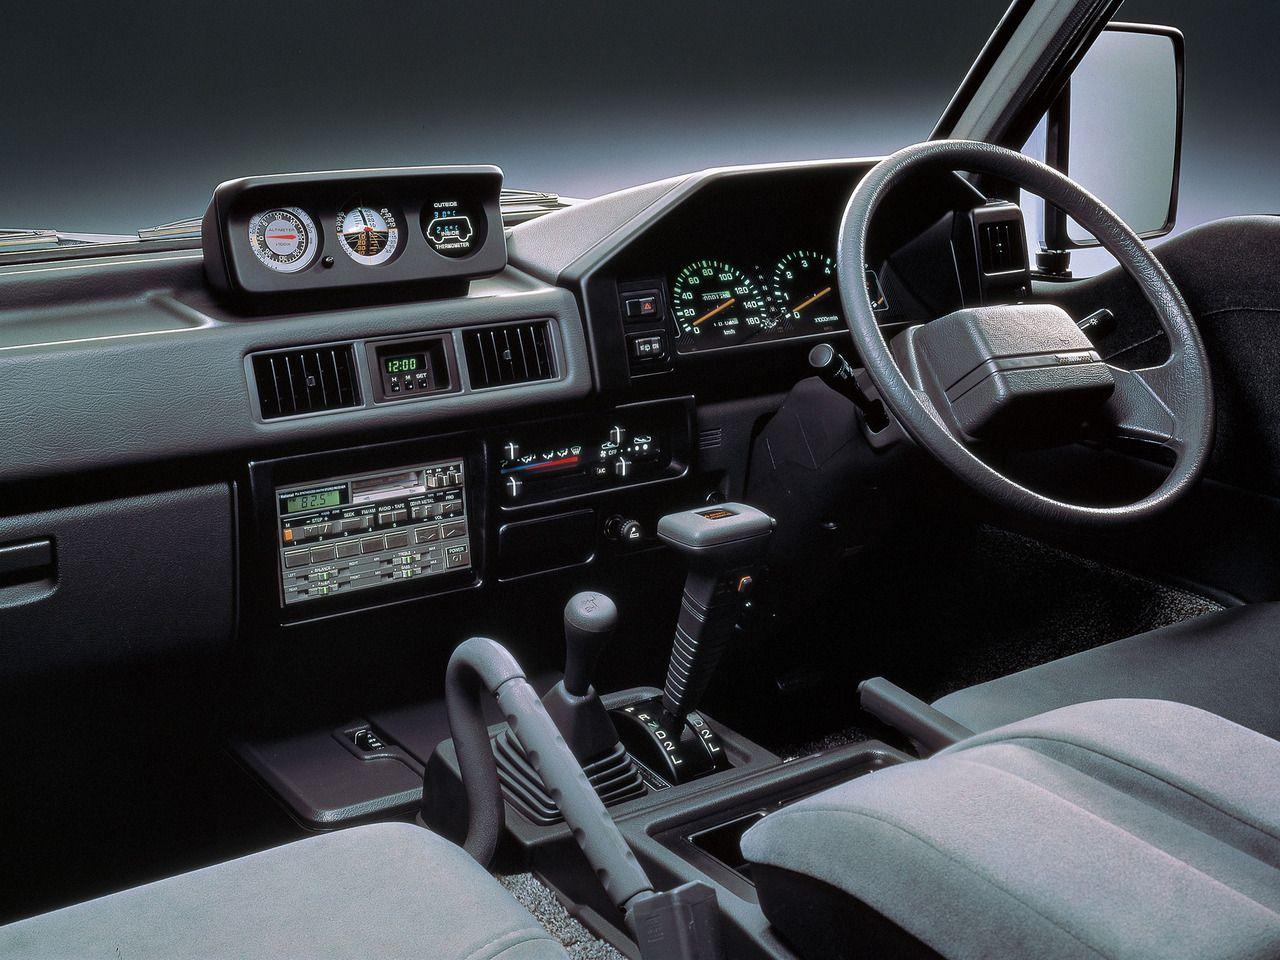 Car Interiors 1990 Mitsubishi Delica Star Wagon 4wd Mitsubishi Cars Mitsubishi Shogun Mitsubishi